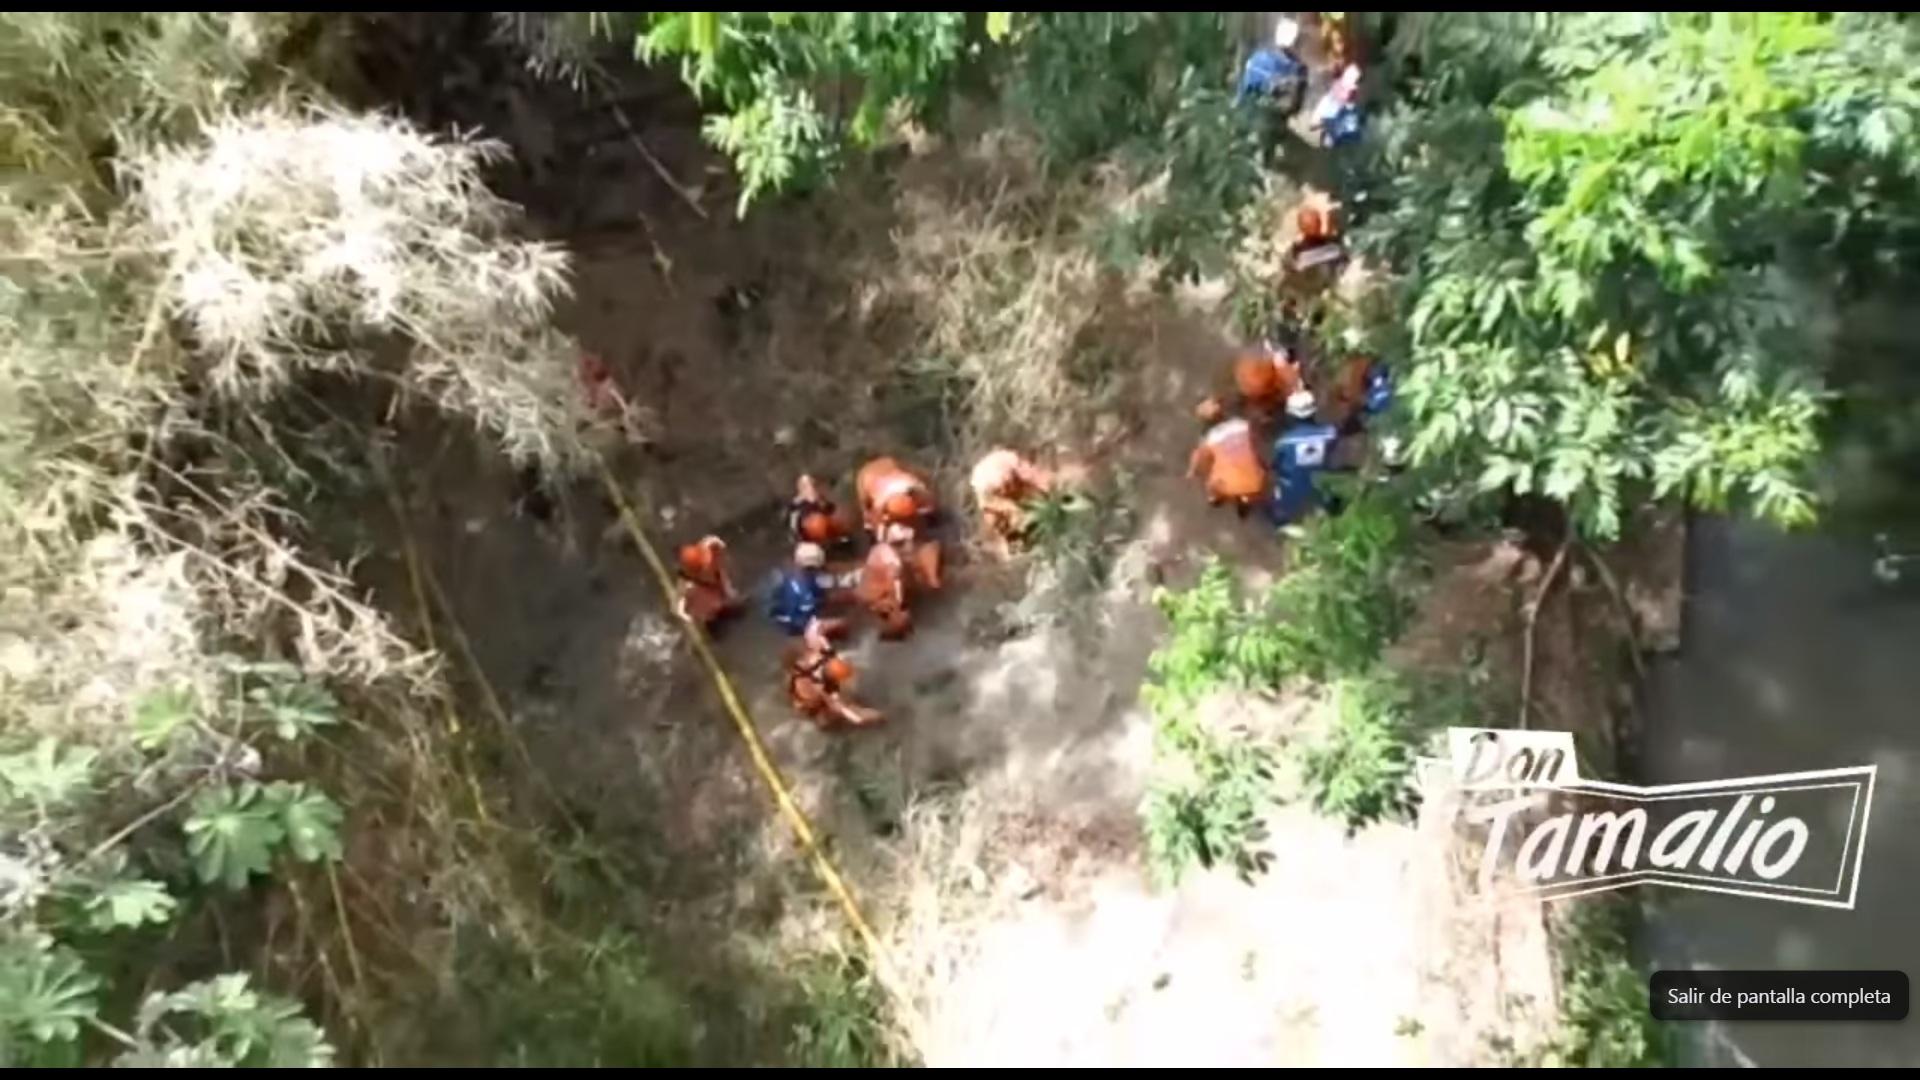 Aún no se han entregado los cuerpos de madre e hijo que perdieron la vida ese fin de semana en Ibagué 4